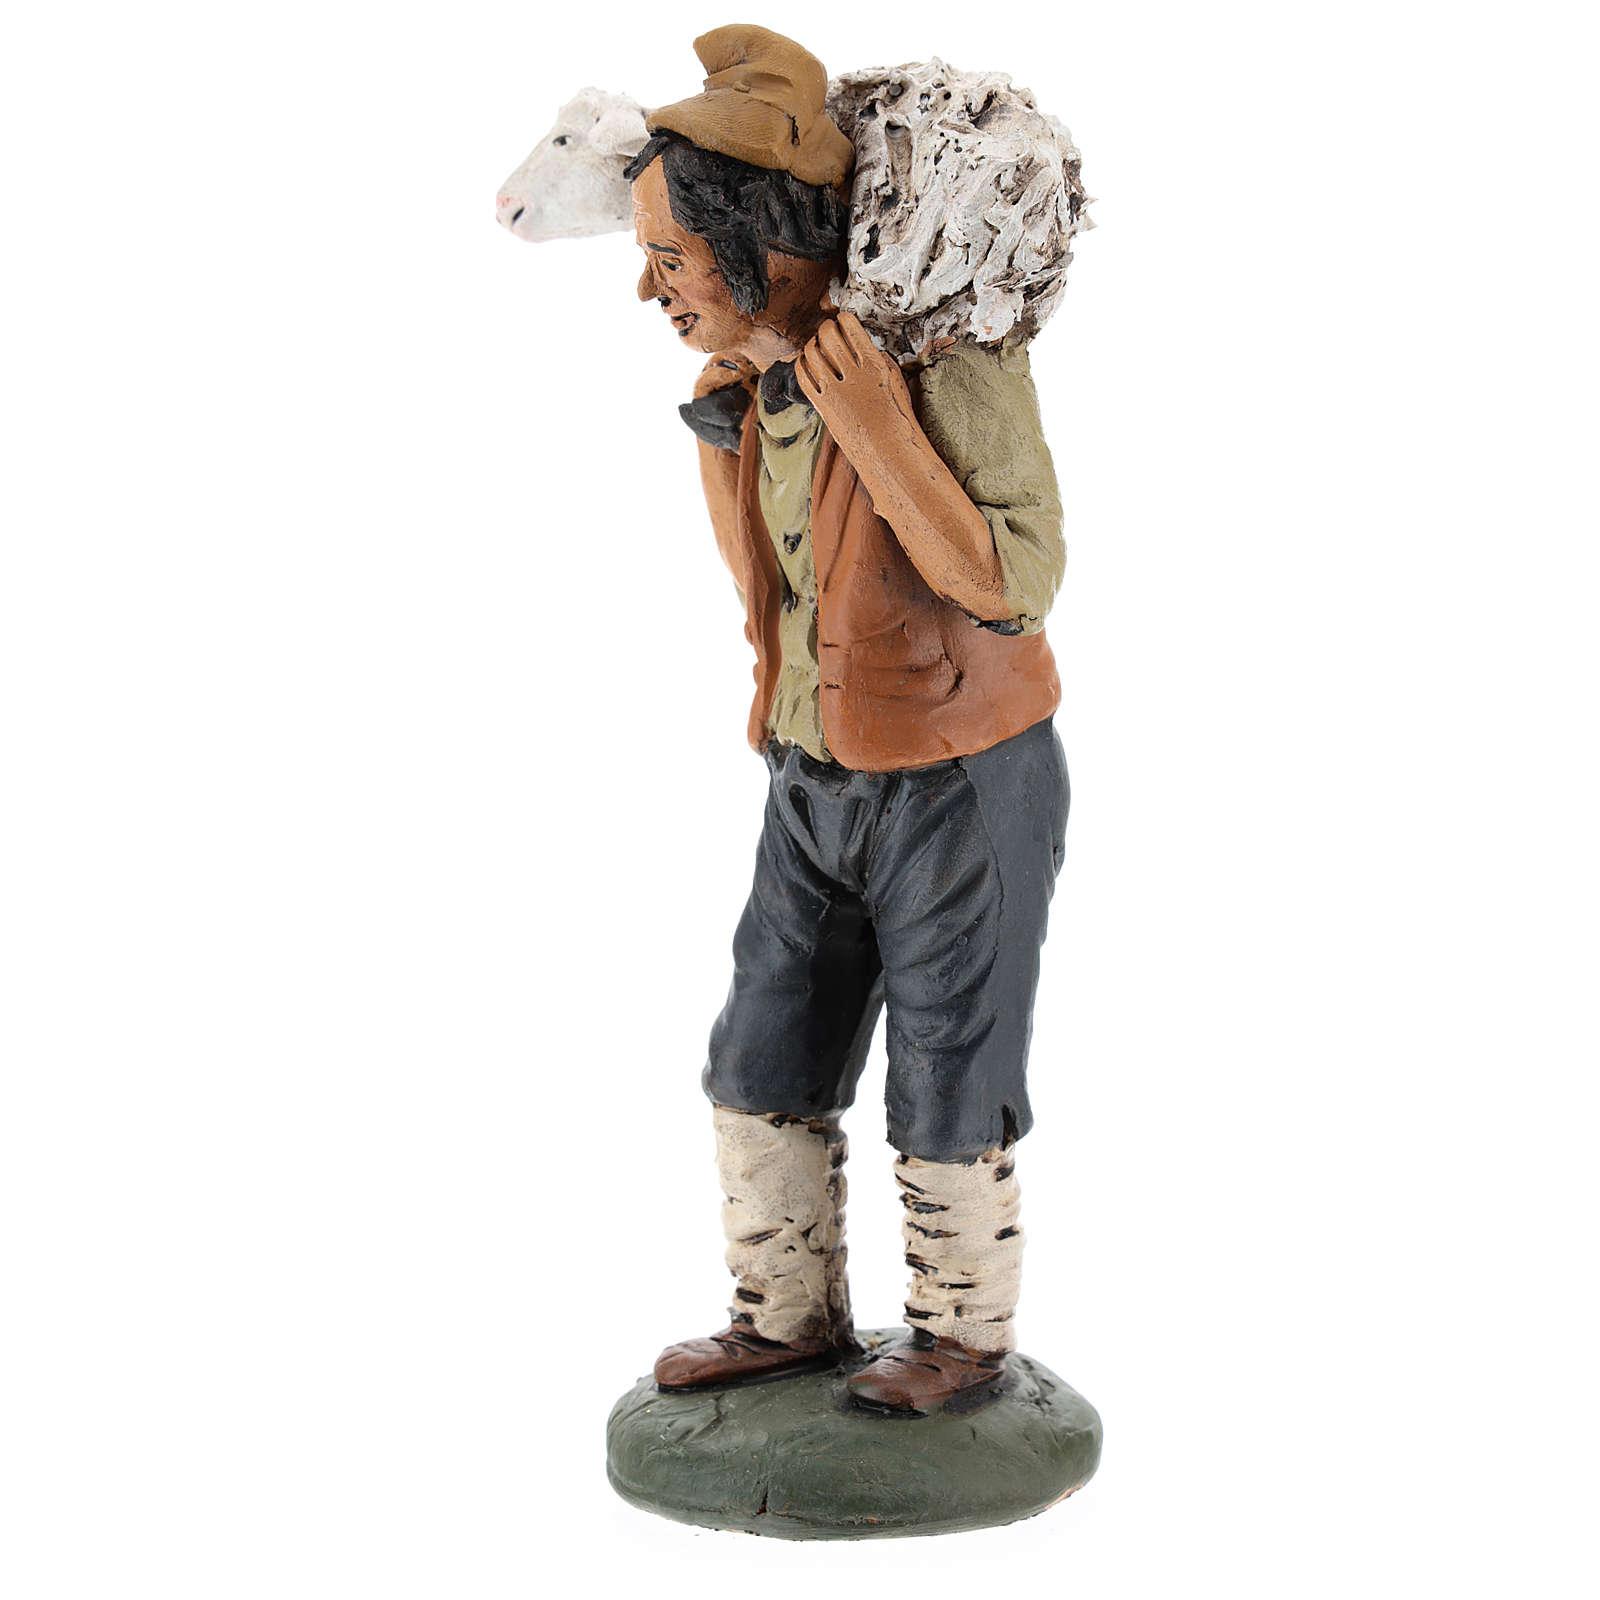 Pastore in terracotta presepe 18 cm 4